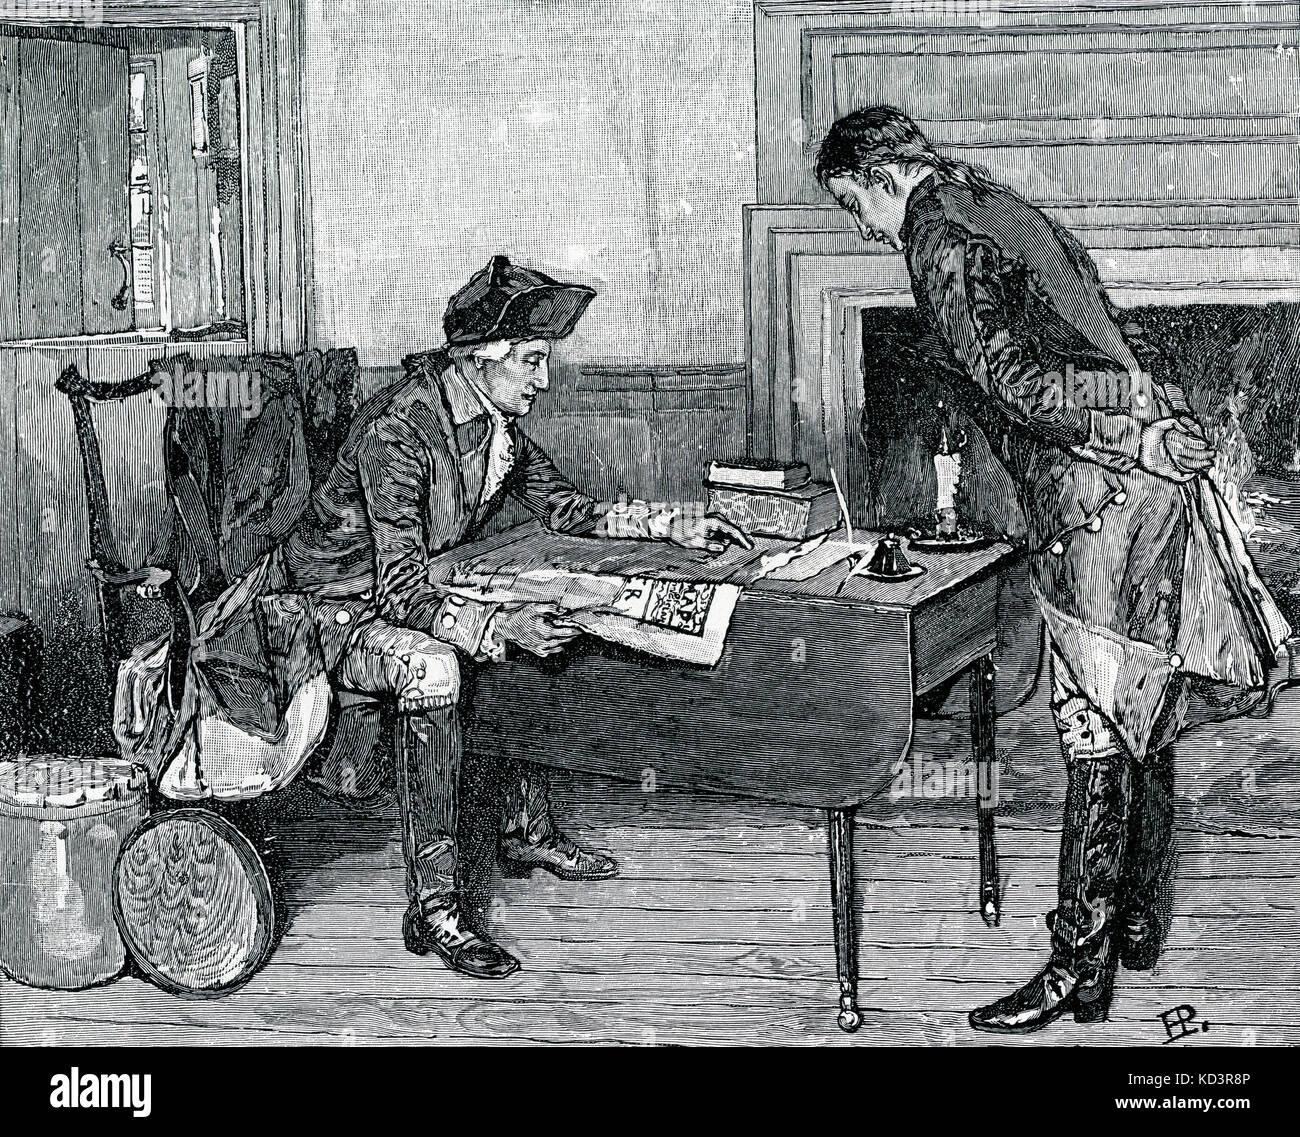 Nathan Hale recibe órdenes de George Washington antes de salir a espiar en el campamento británico. Revolución americana. Ilustración de Howard Pyle, 1901 Foto de stock